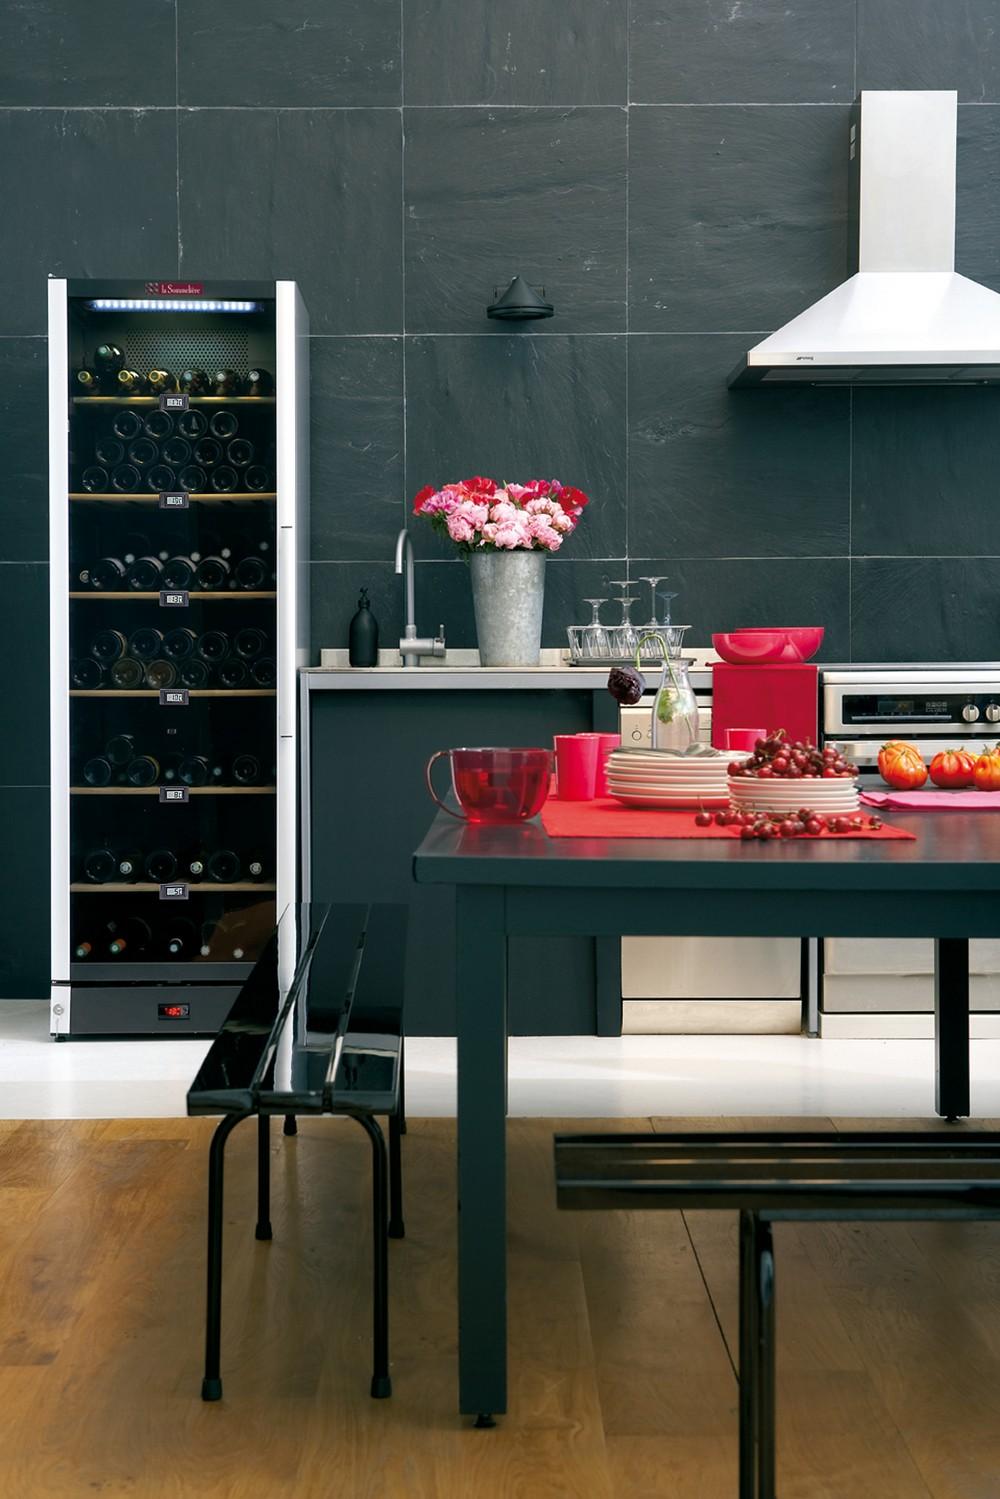 винные шкафы LaSommeliere в Краснодаре - купить винный шкаф - акции, скидки, винотека алкомаркет Краснодар